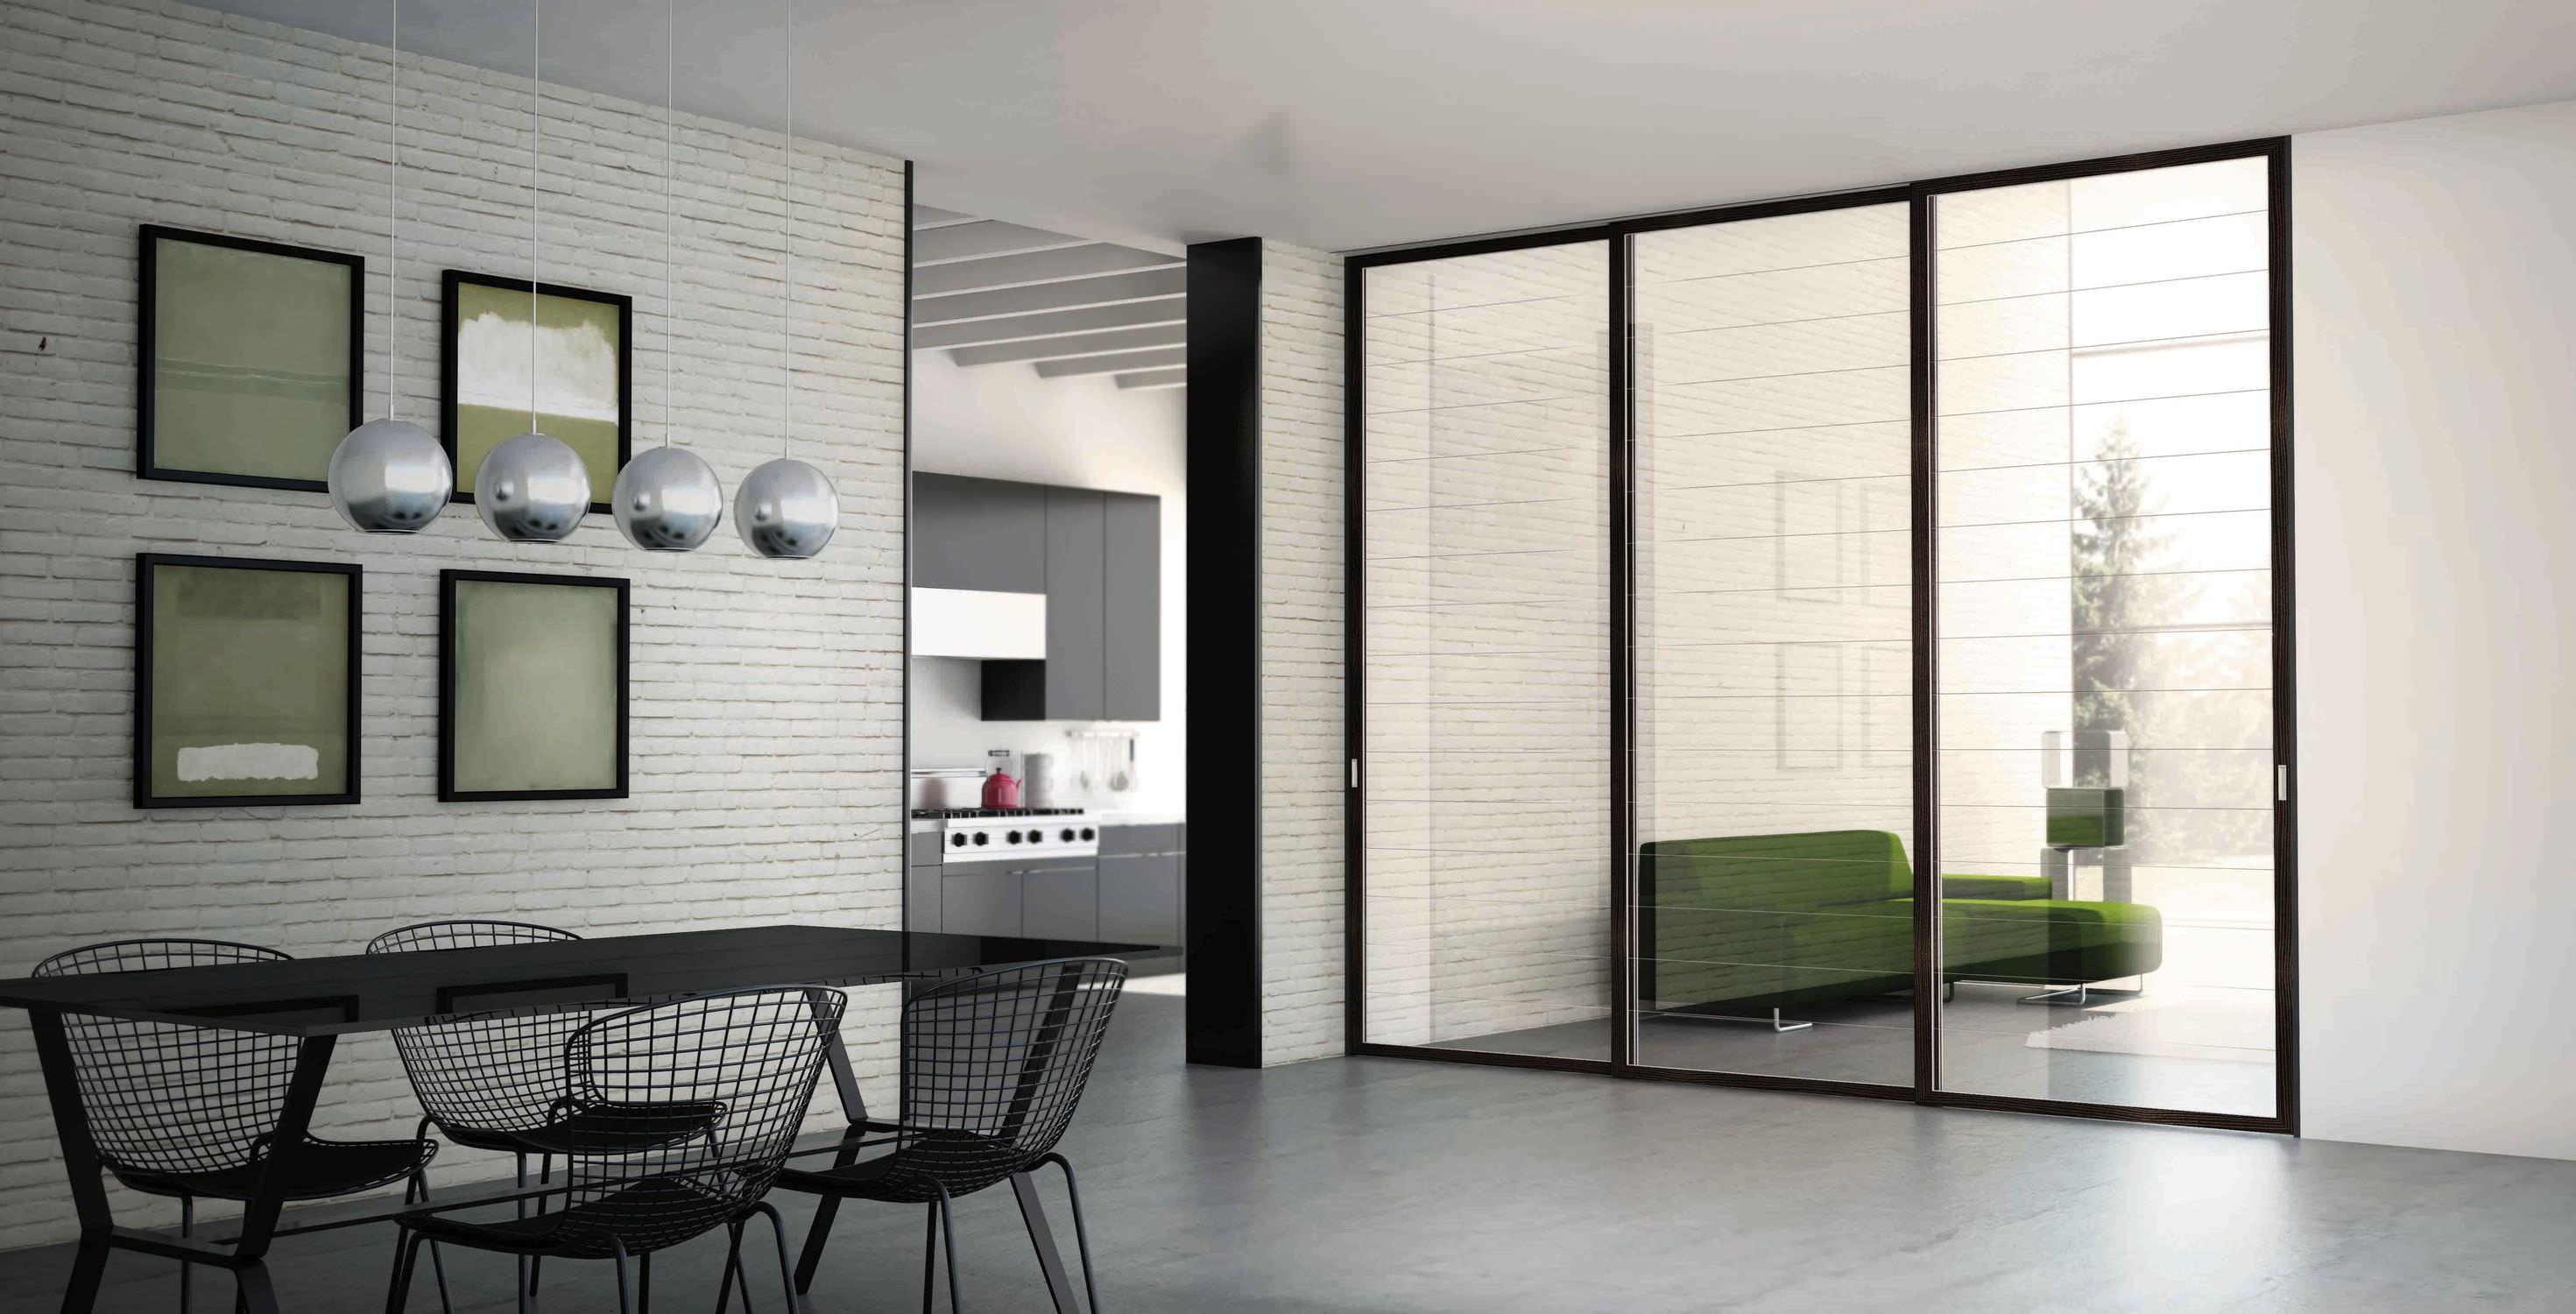 Serramenti in pvc caratteristiche e consigli per risparmiare - Quanto costa una porta finestra in pvc ...